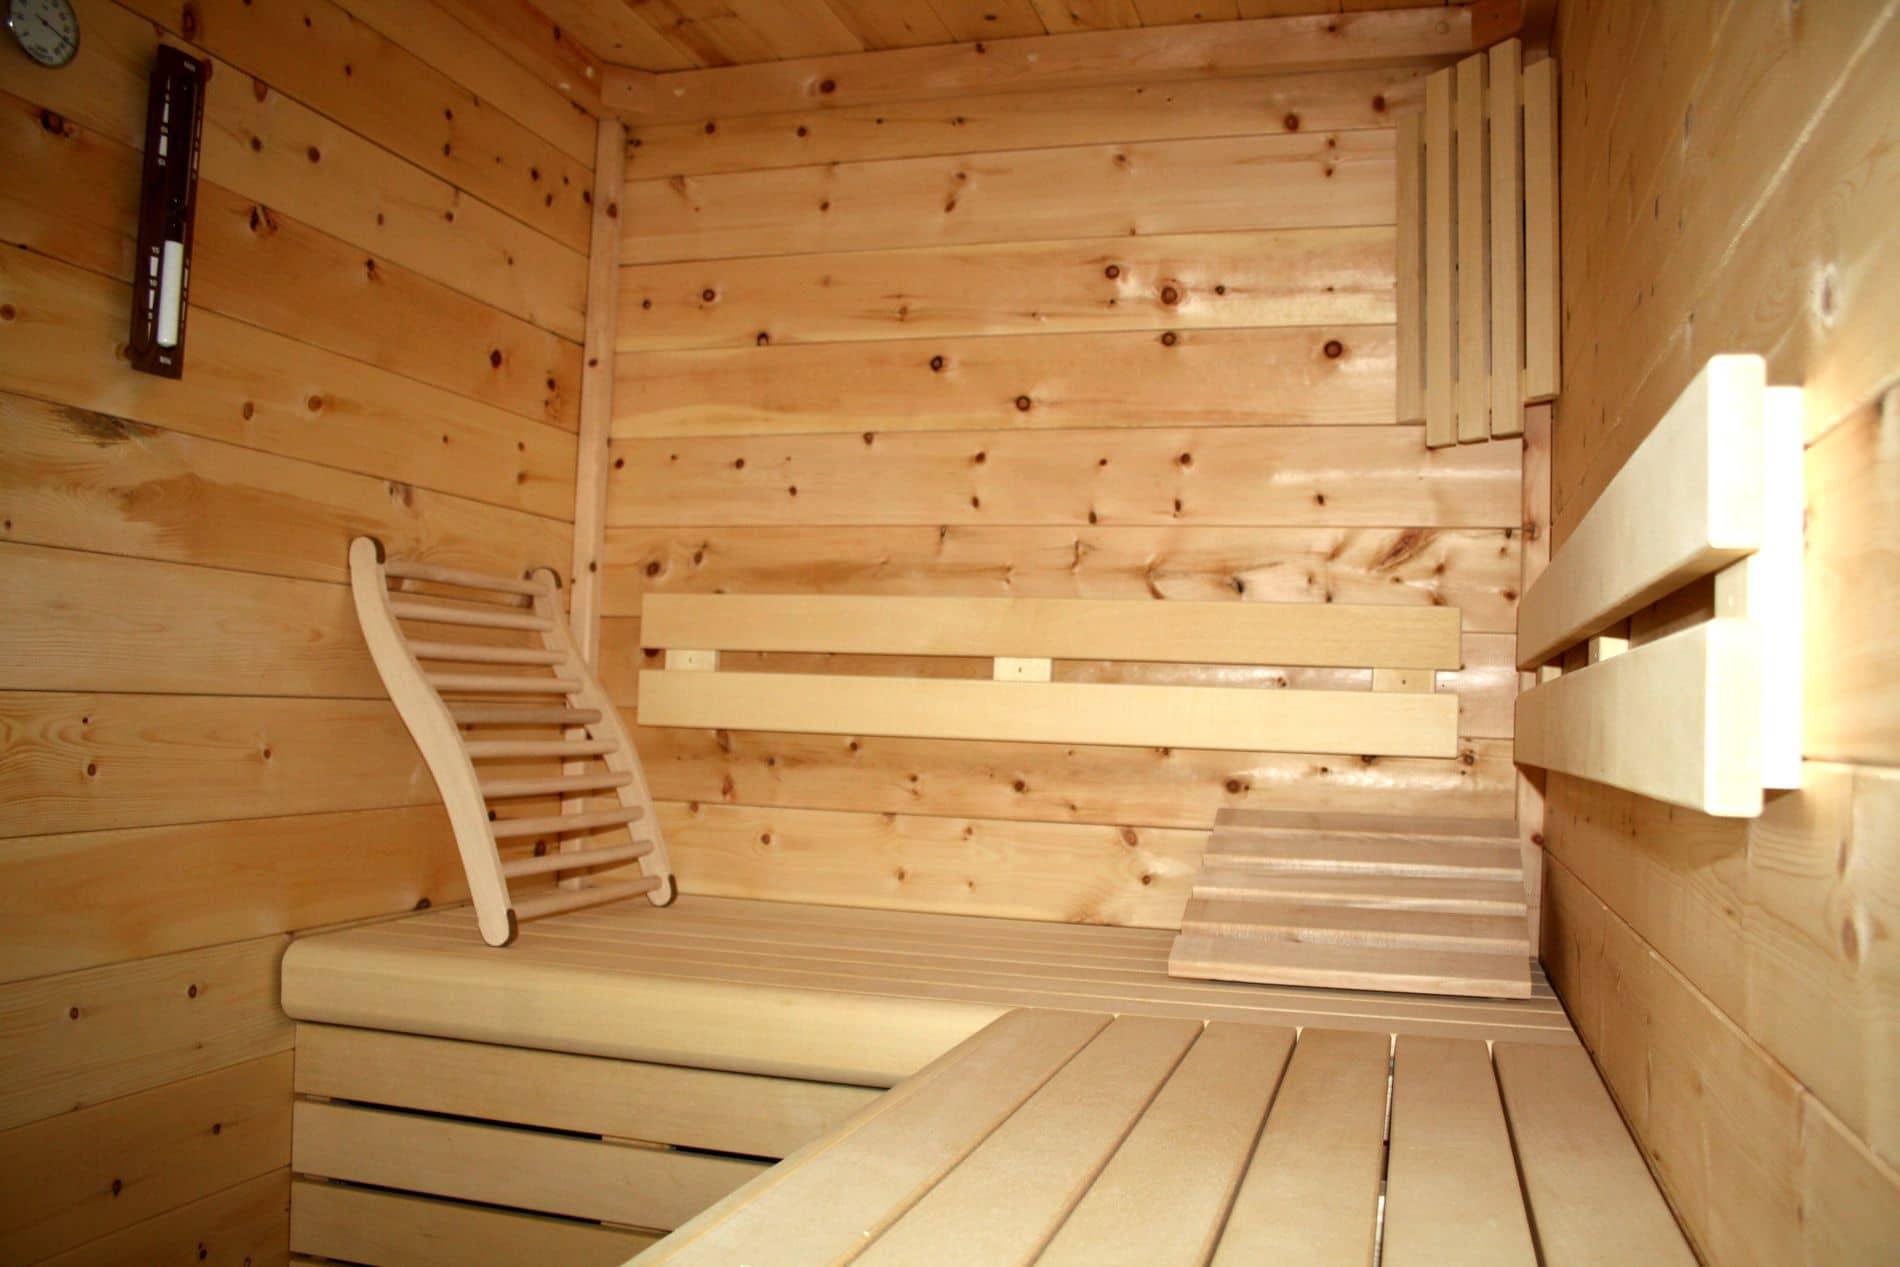 Bezaubernd Sauna Für Zuhause Sammlung Von Sauna-holz -